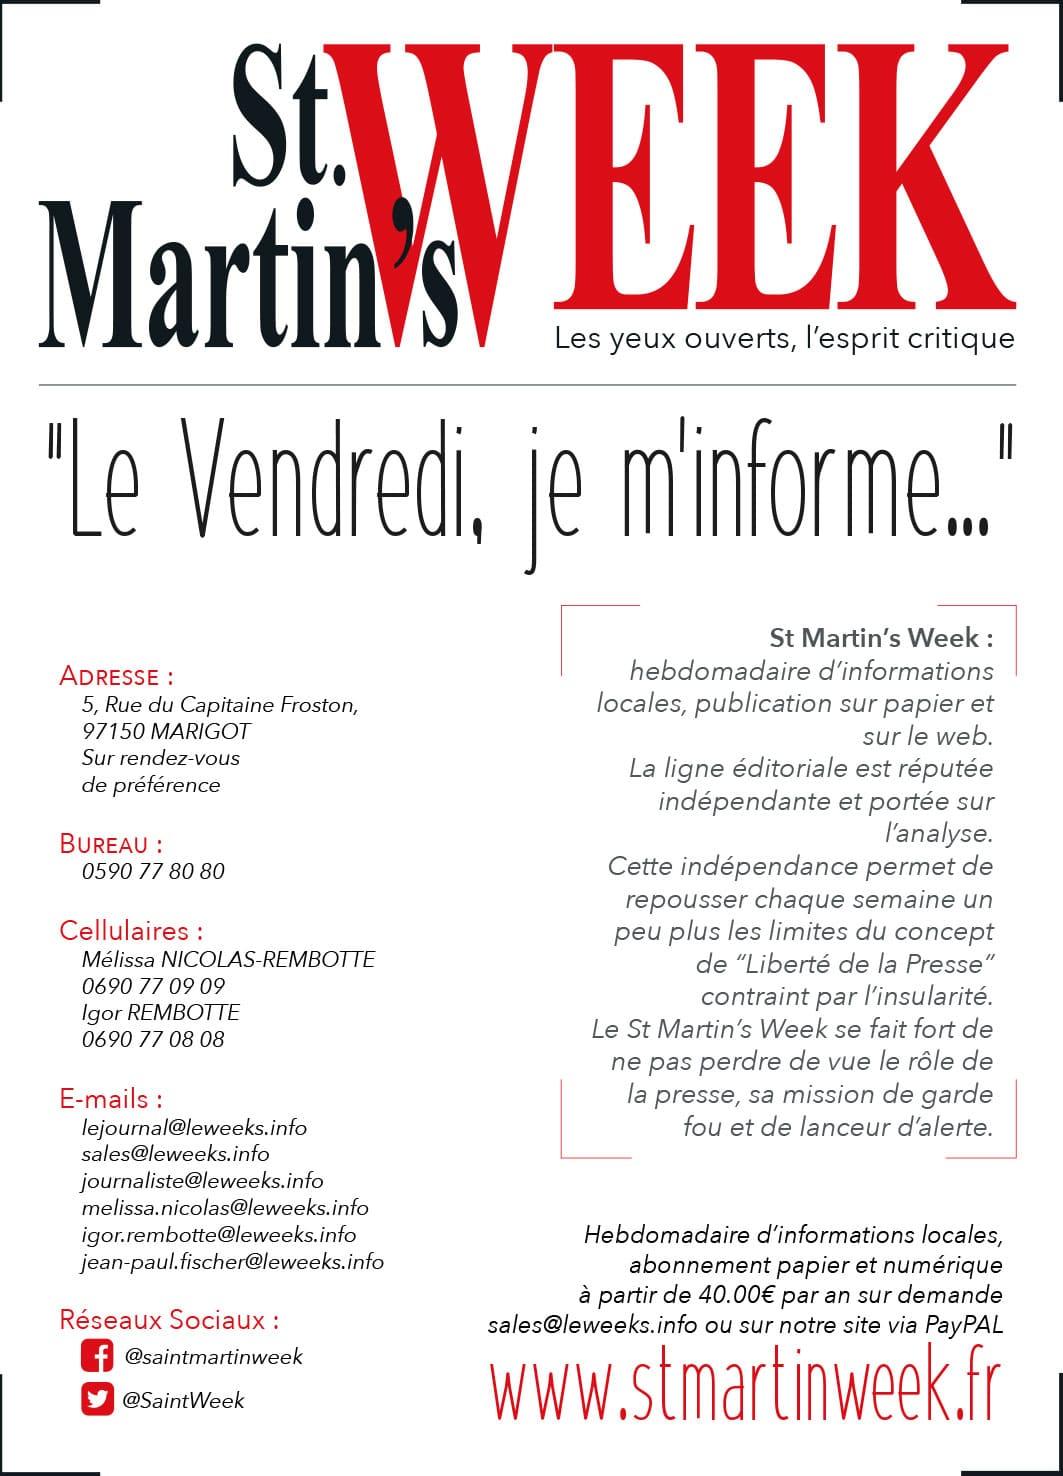 Annuaire Téléphonique St Martin - St Martin's Week